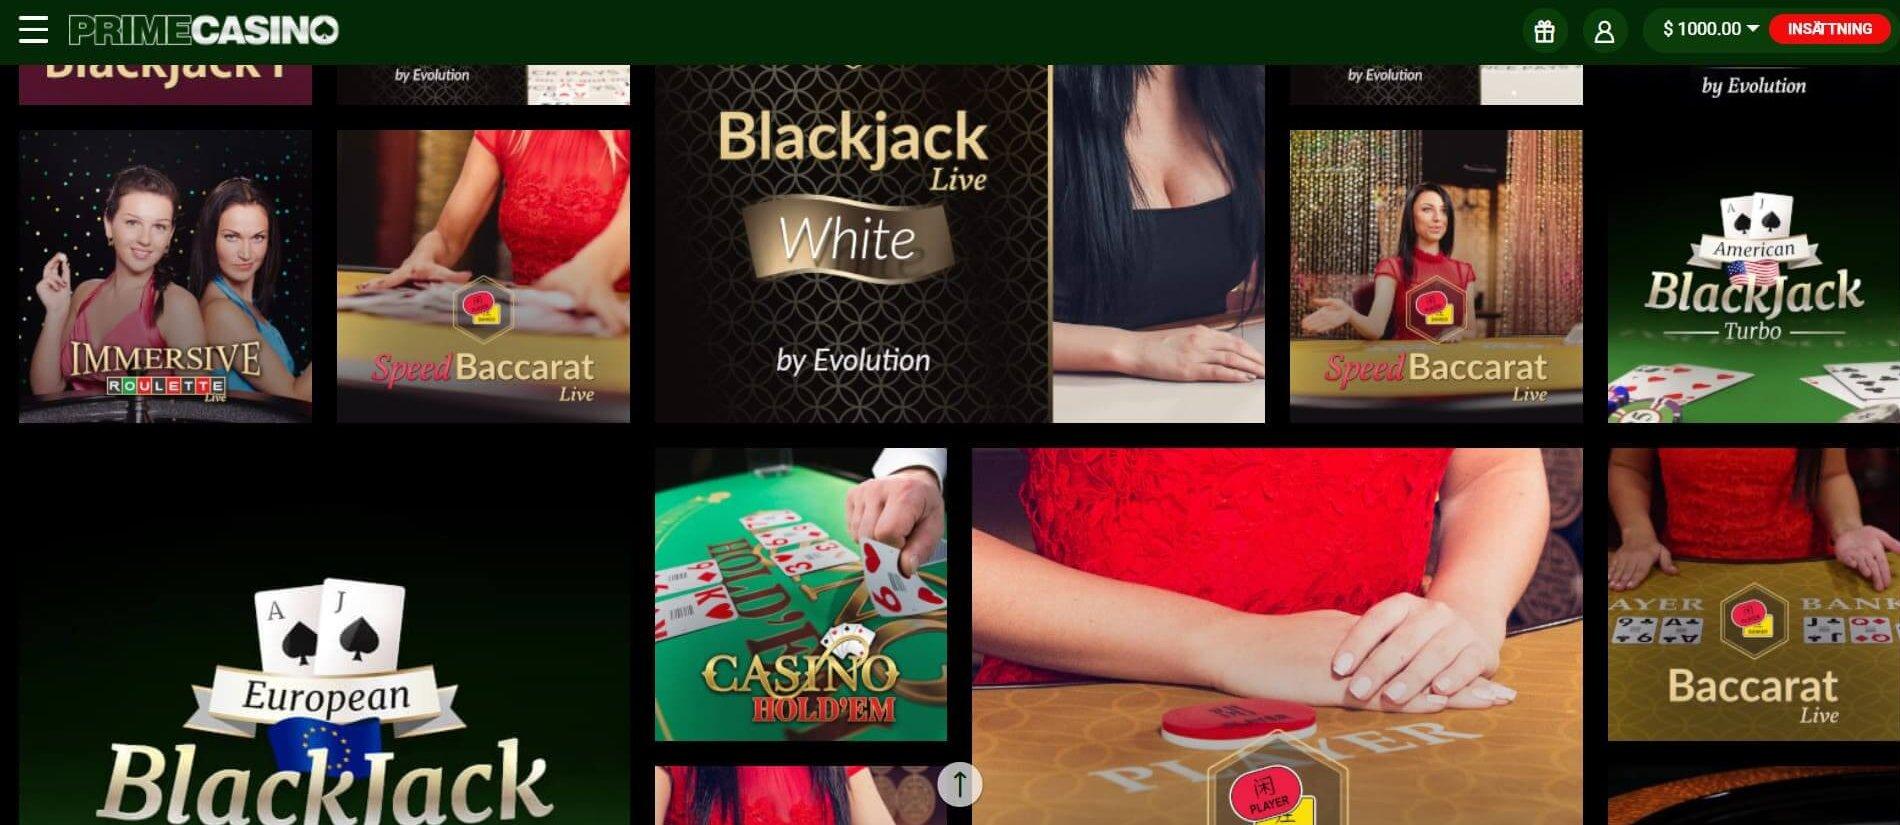 Klicka på ett live-/bordsspel för att komma till Prime Casinos kompletta lobby